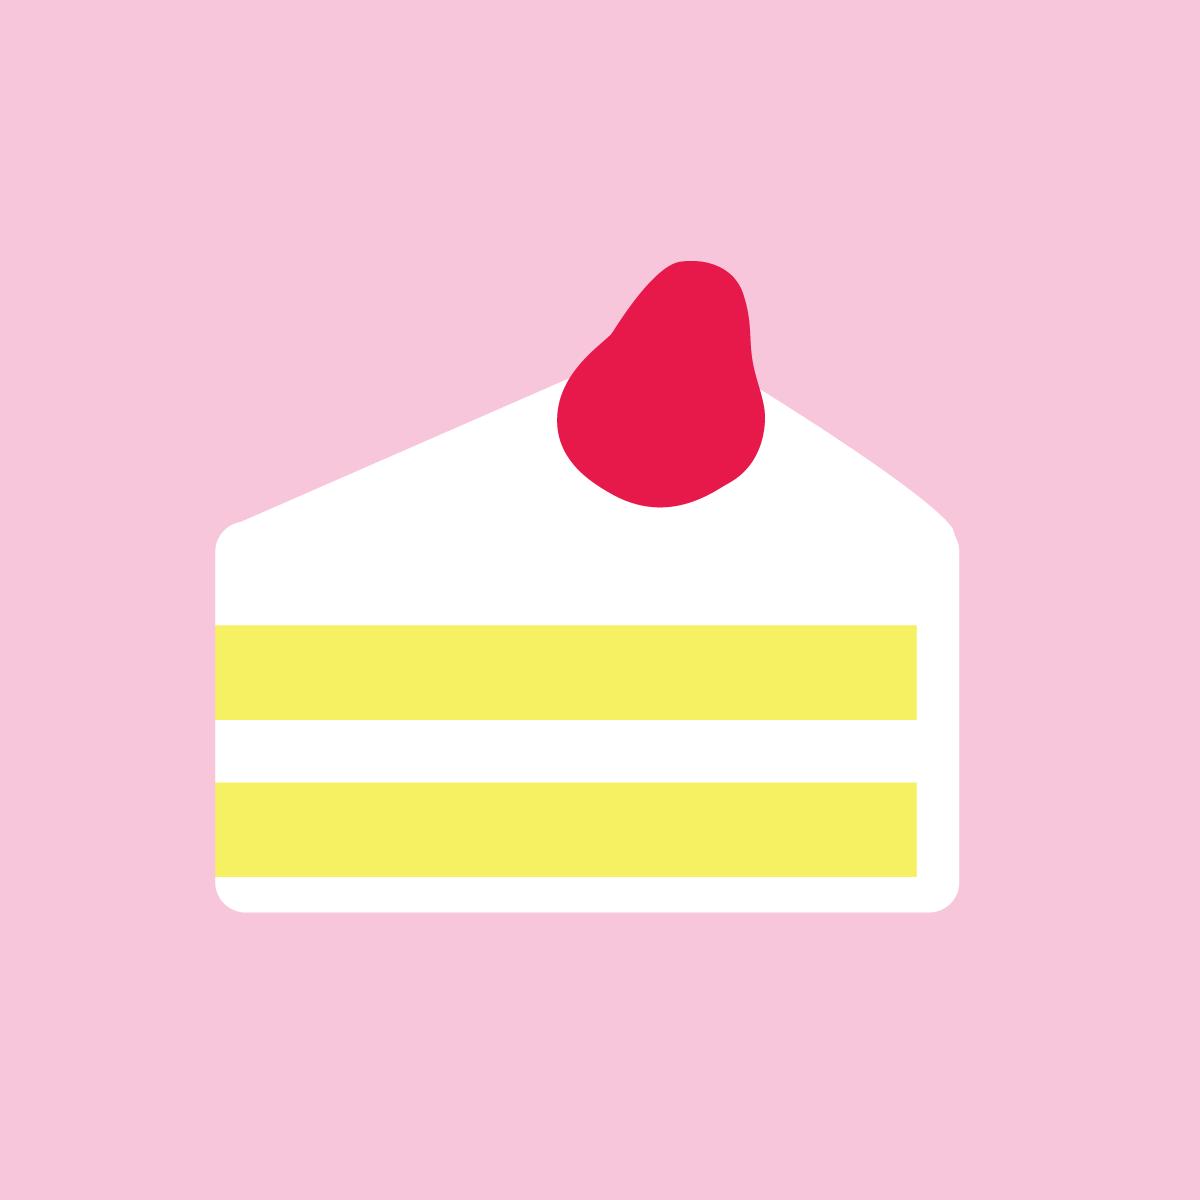 イチゴオンザショートケーキ